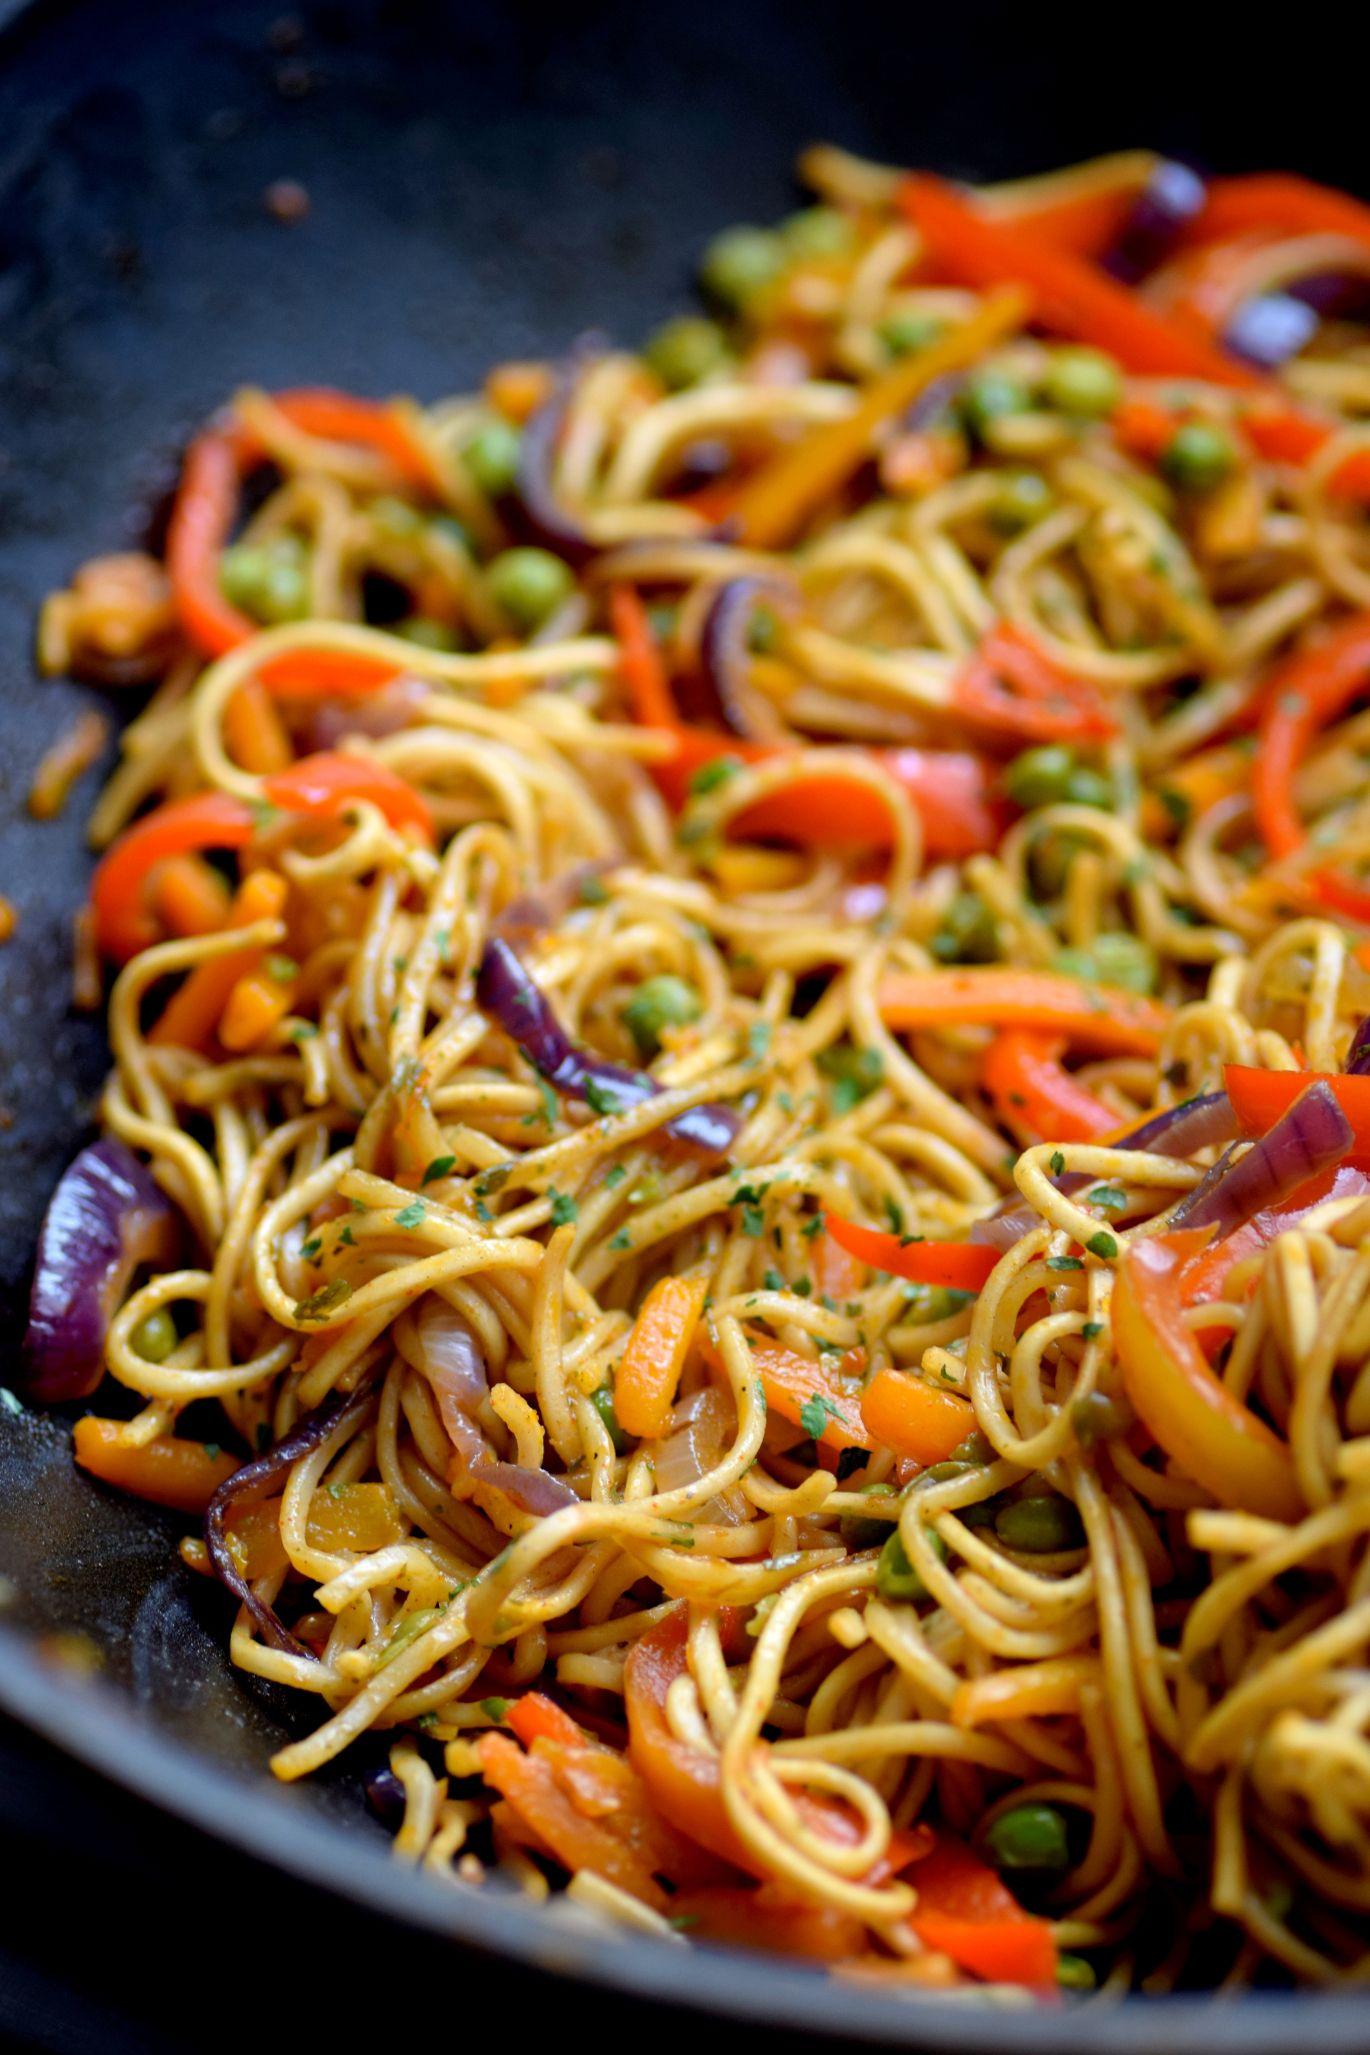 12 Idées De Mets Chinois En 2021 Mets Chinois Recette Asiatique Cuisine Asiatique